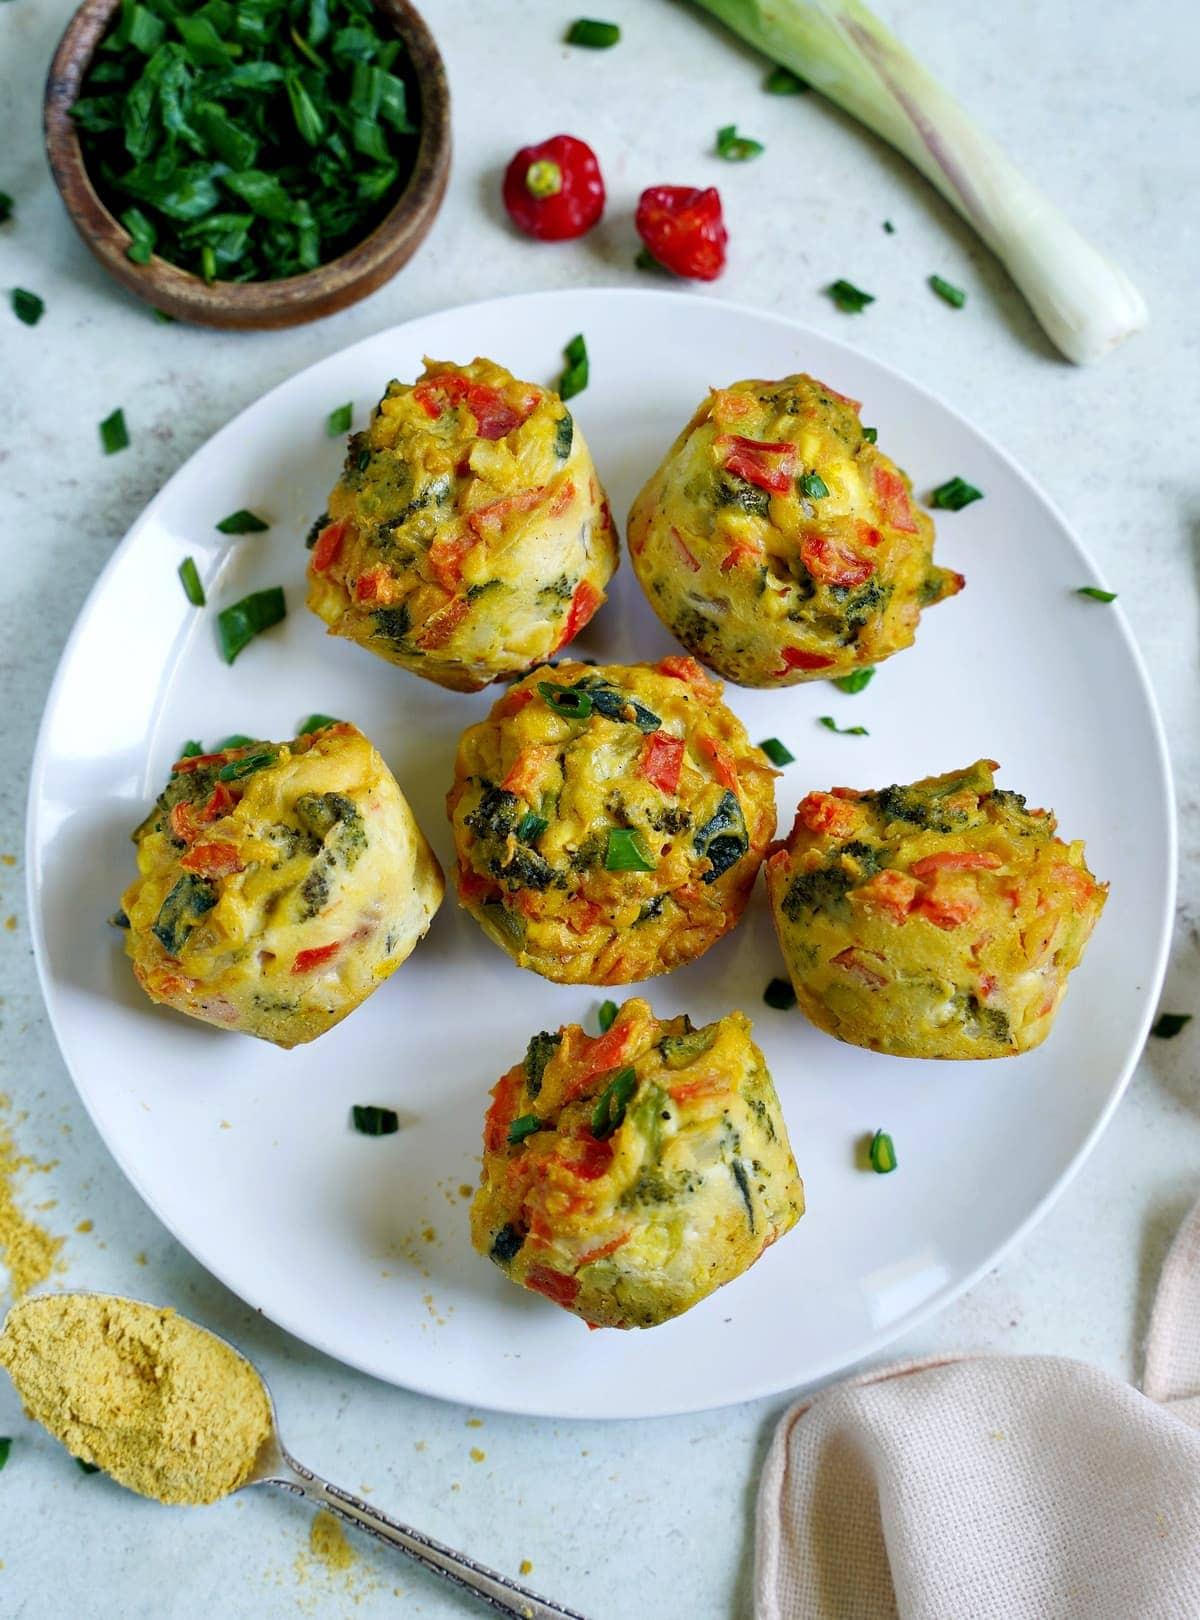 egg-free veggie mini quiches on white plate